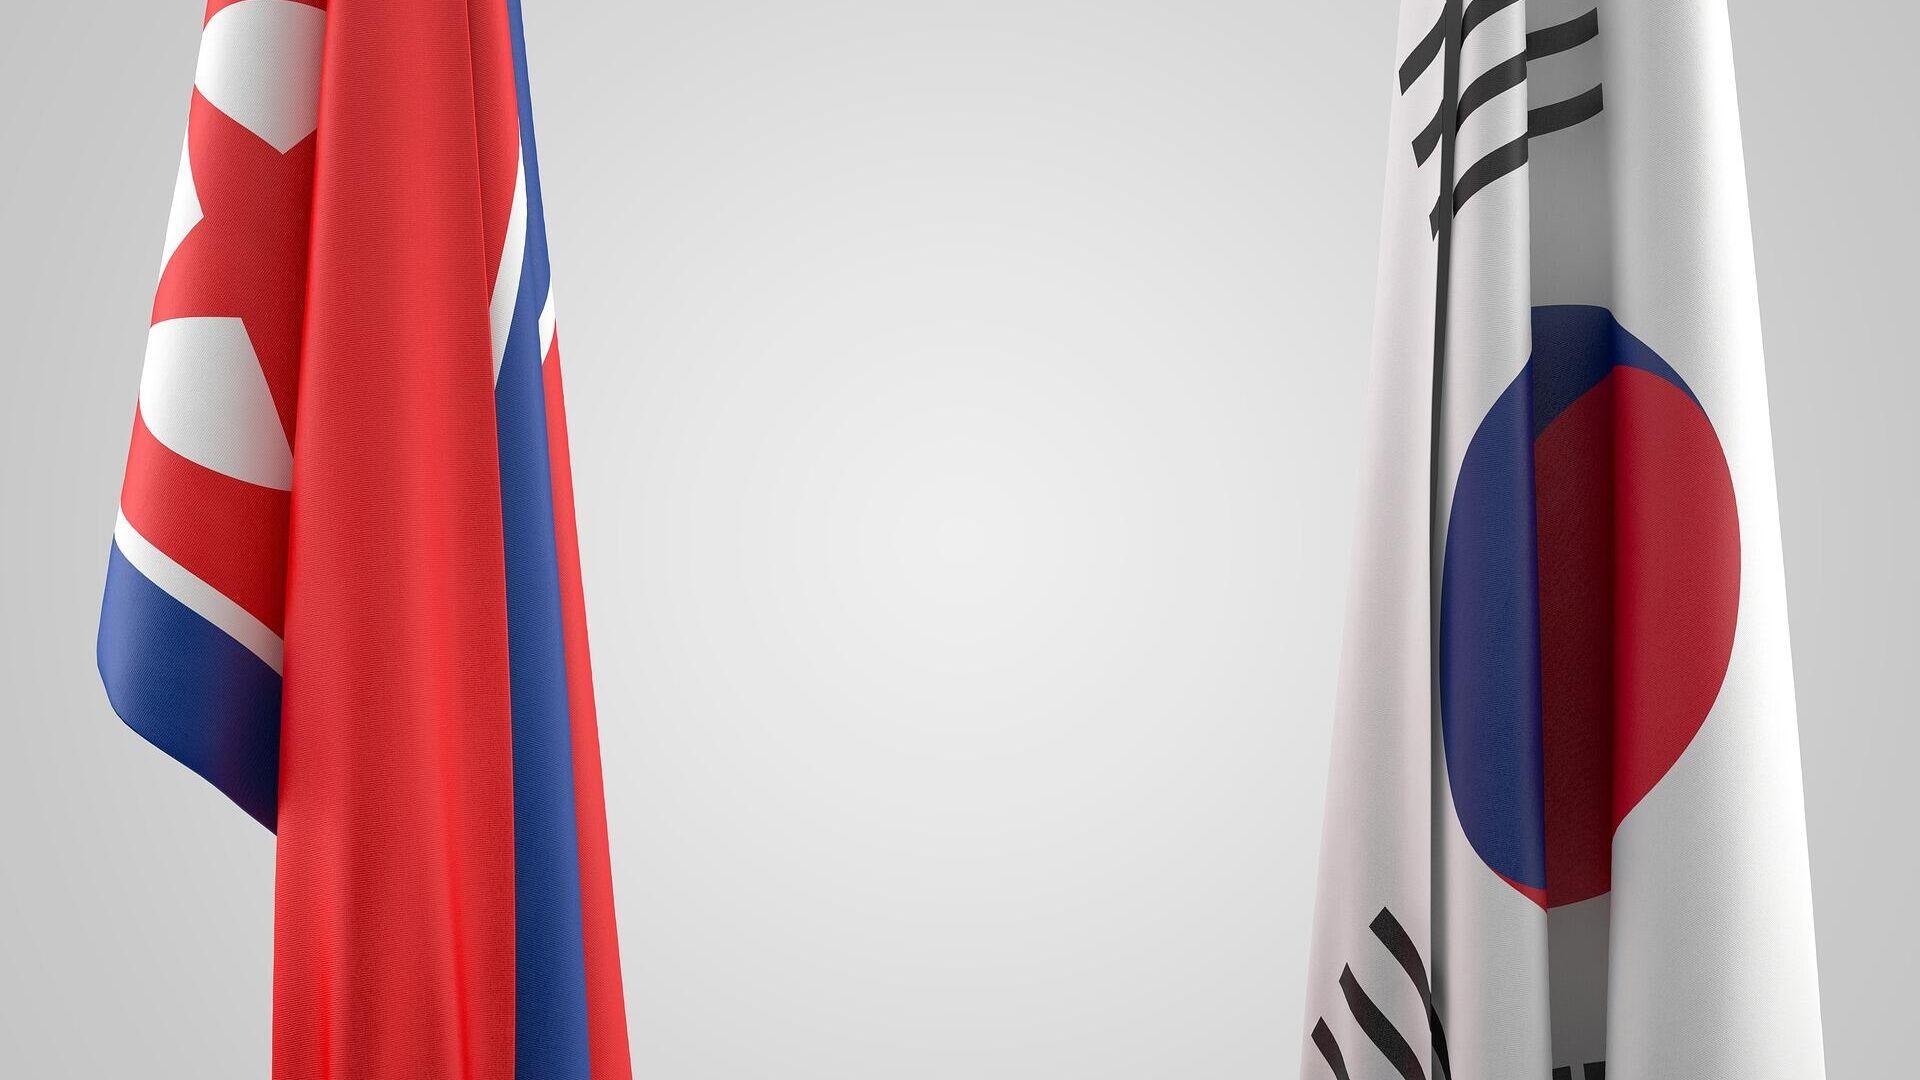 Las banderas de Corea del Norte y Corea del Sur - Sputnik Mundo, 1920, 24.09.2021